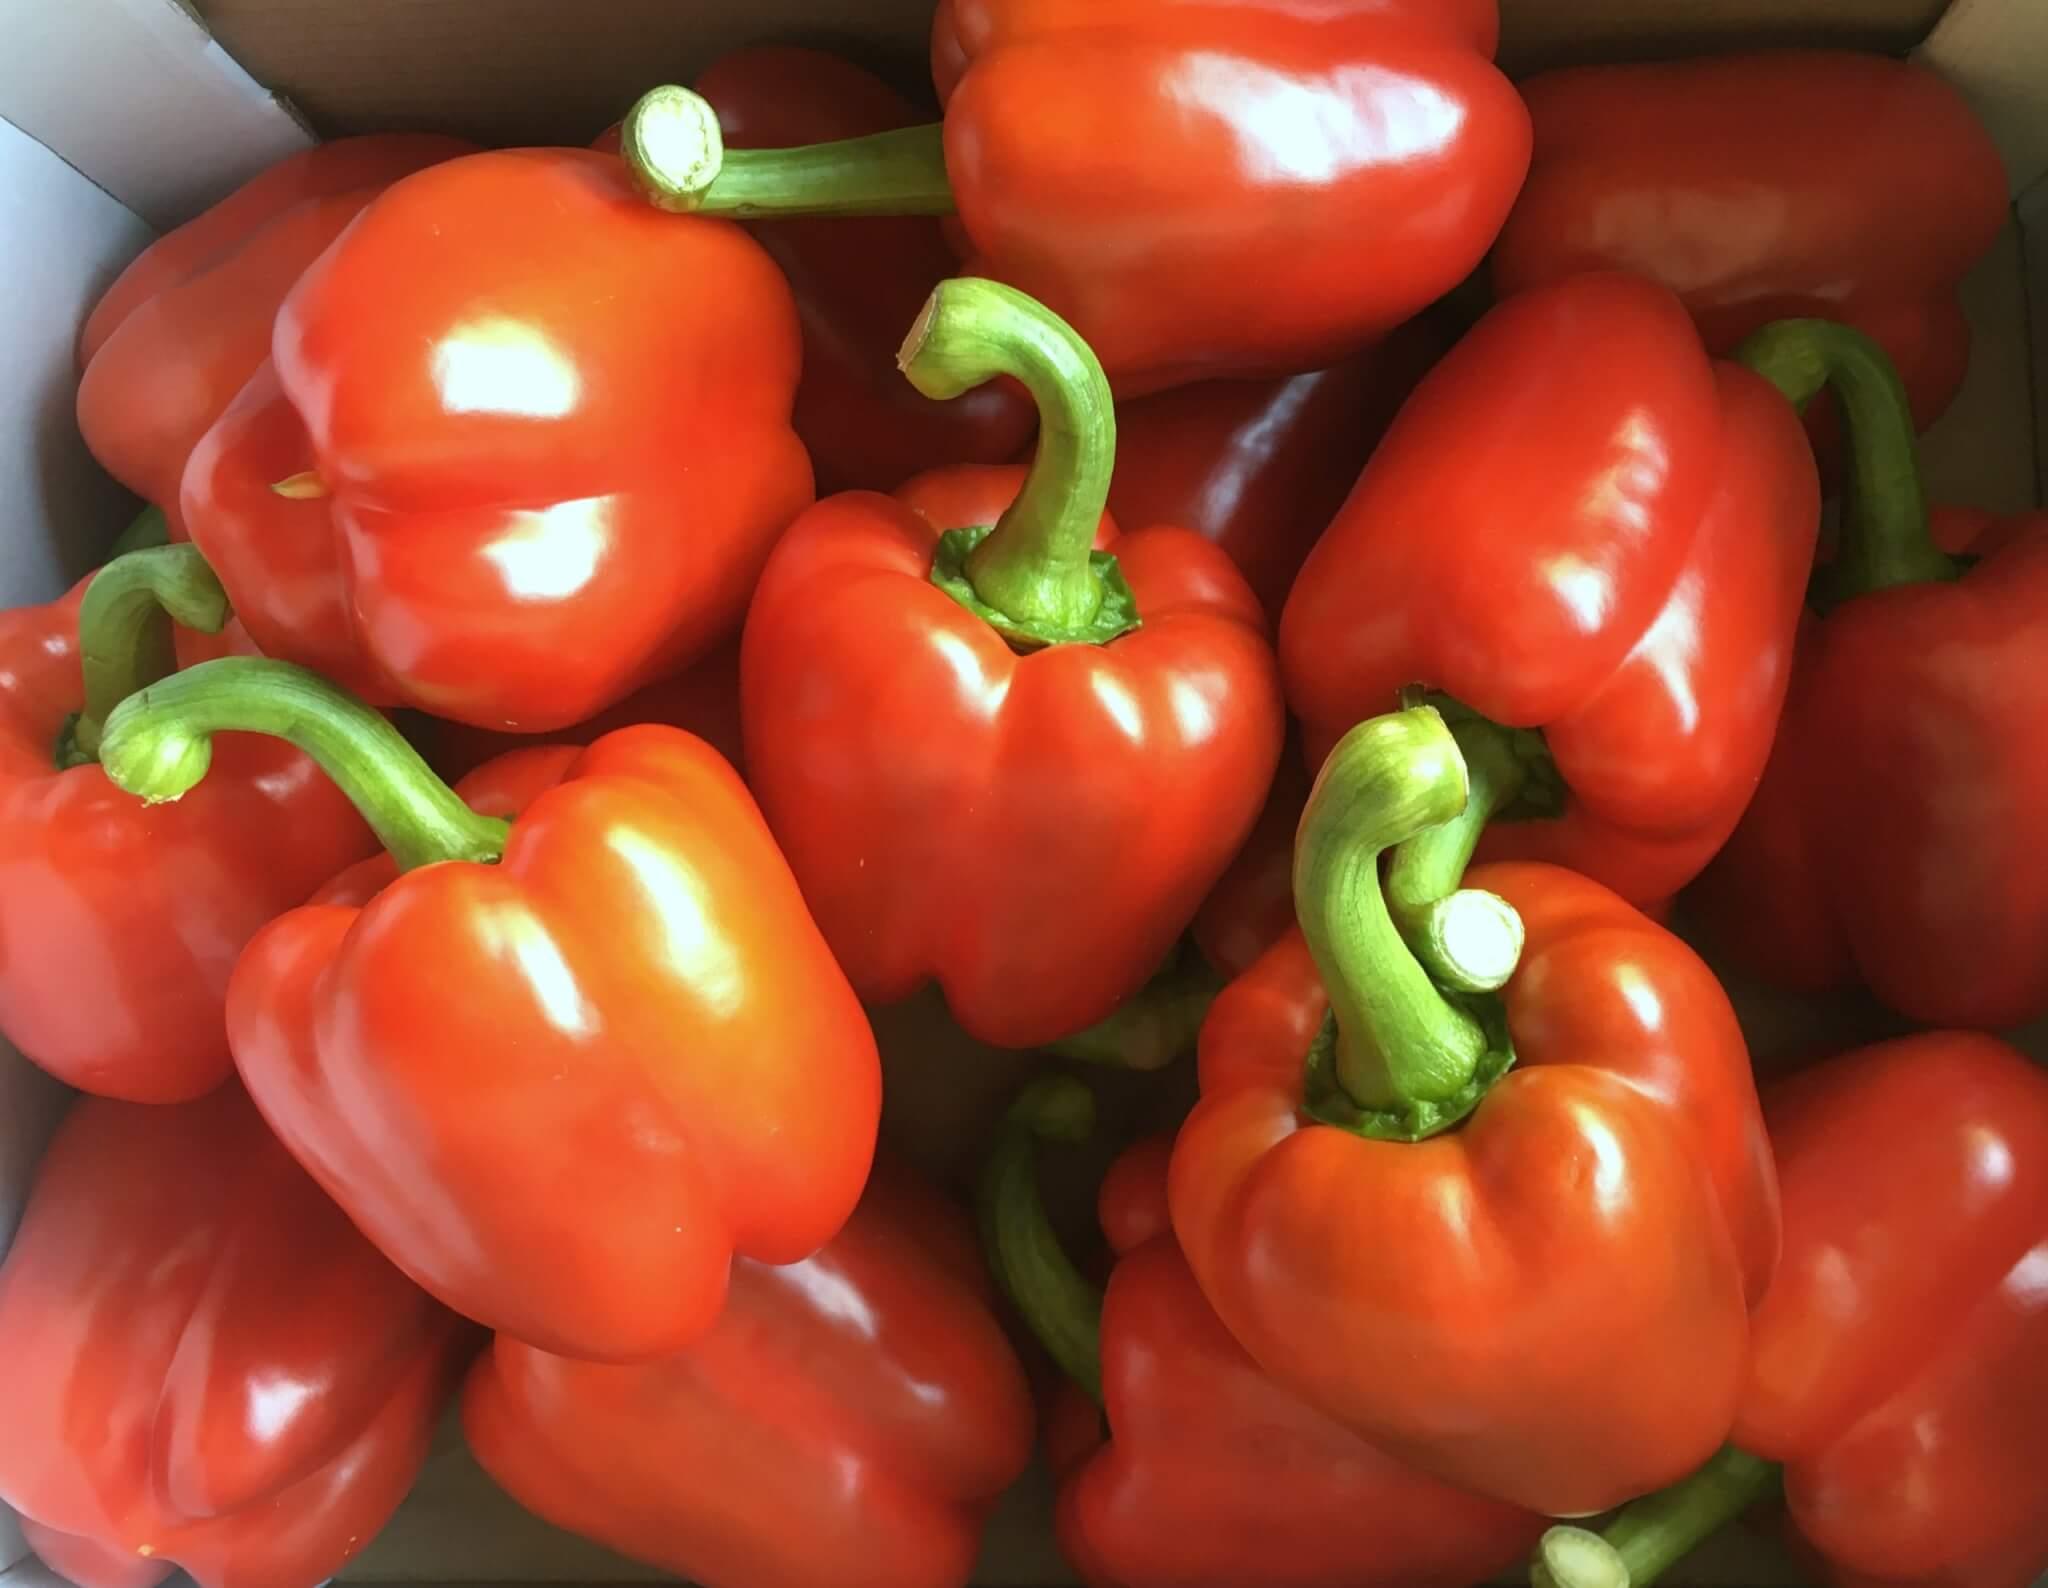 Fruitbedrijf Van den Berge: paprika